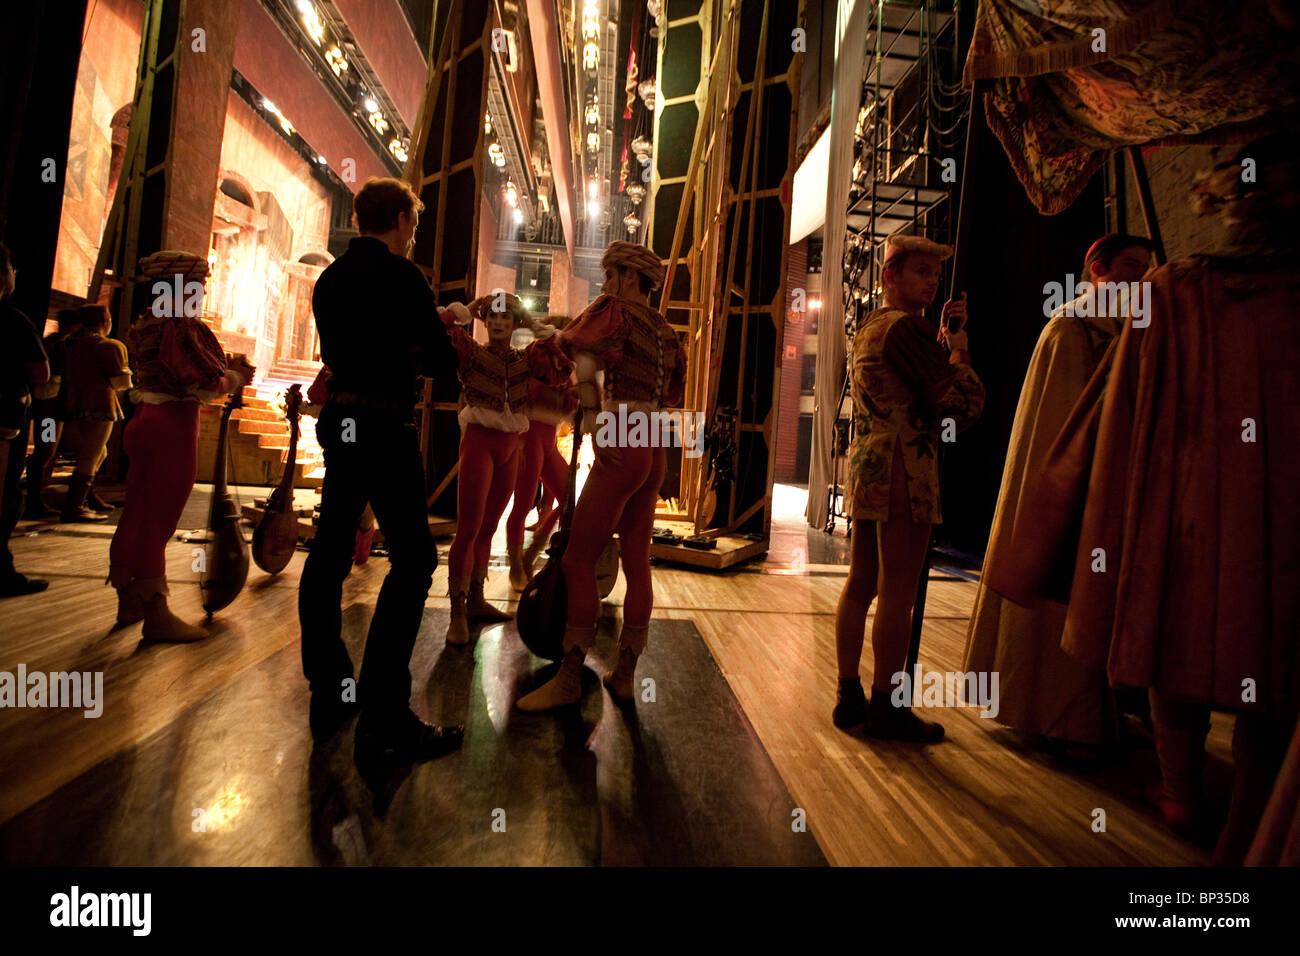 """Hinter den Kulissen im Theater Flügel mit """"Romeo und Julia"""" durchgeführt vom Royal Ballet, in Stockbild"""